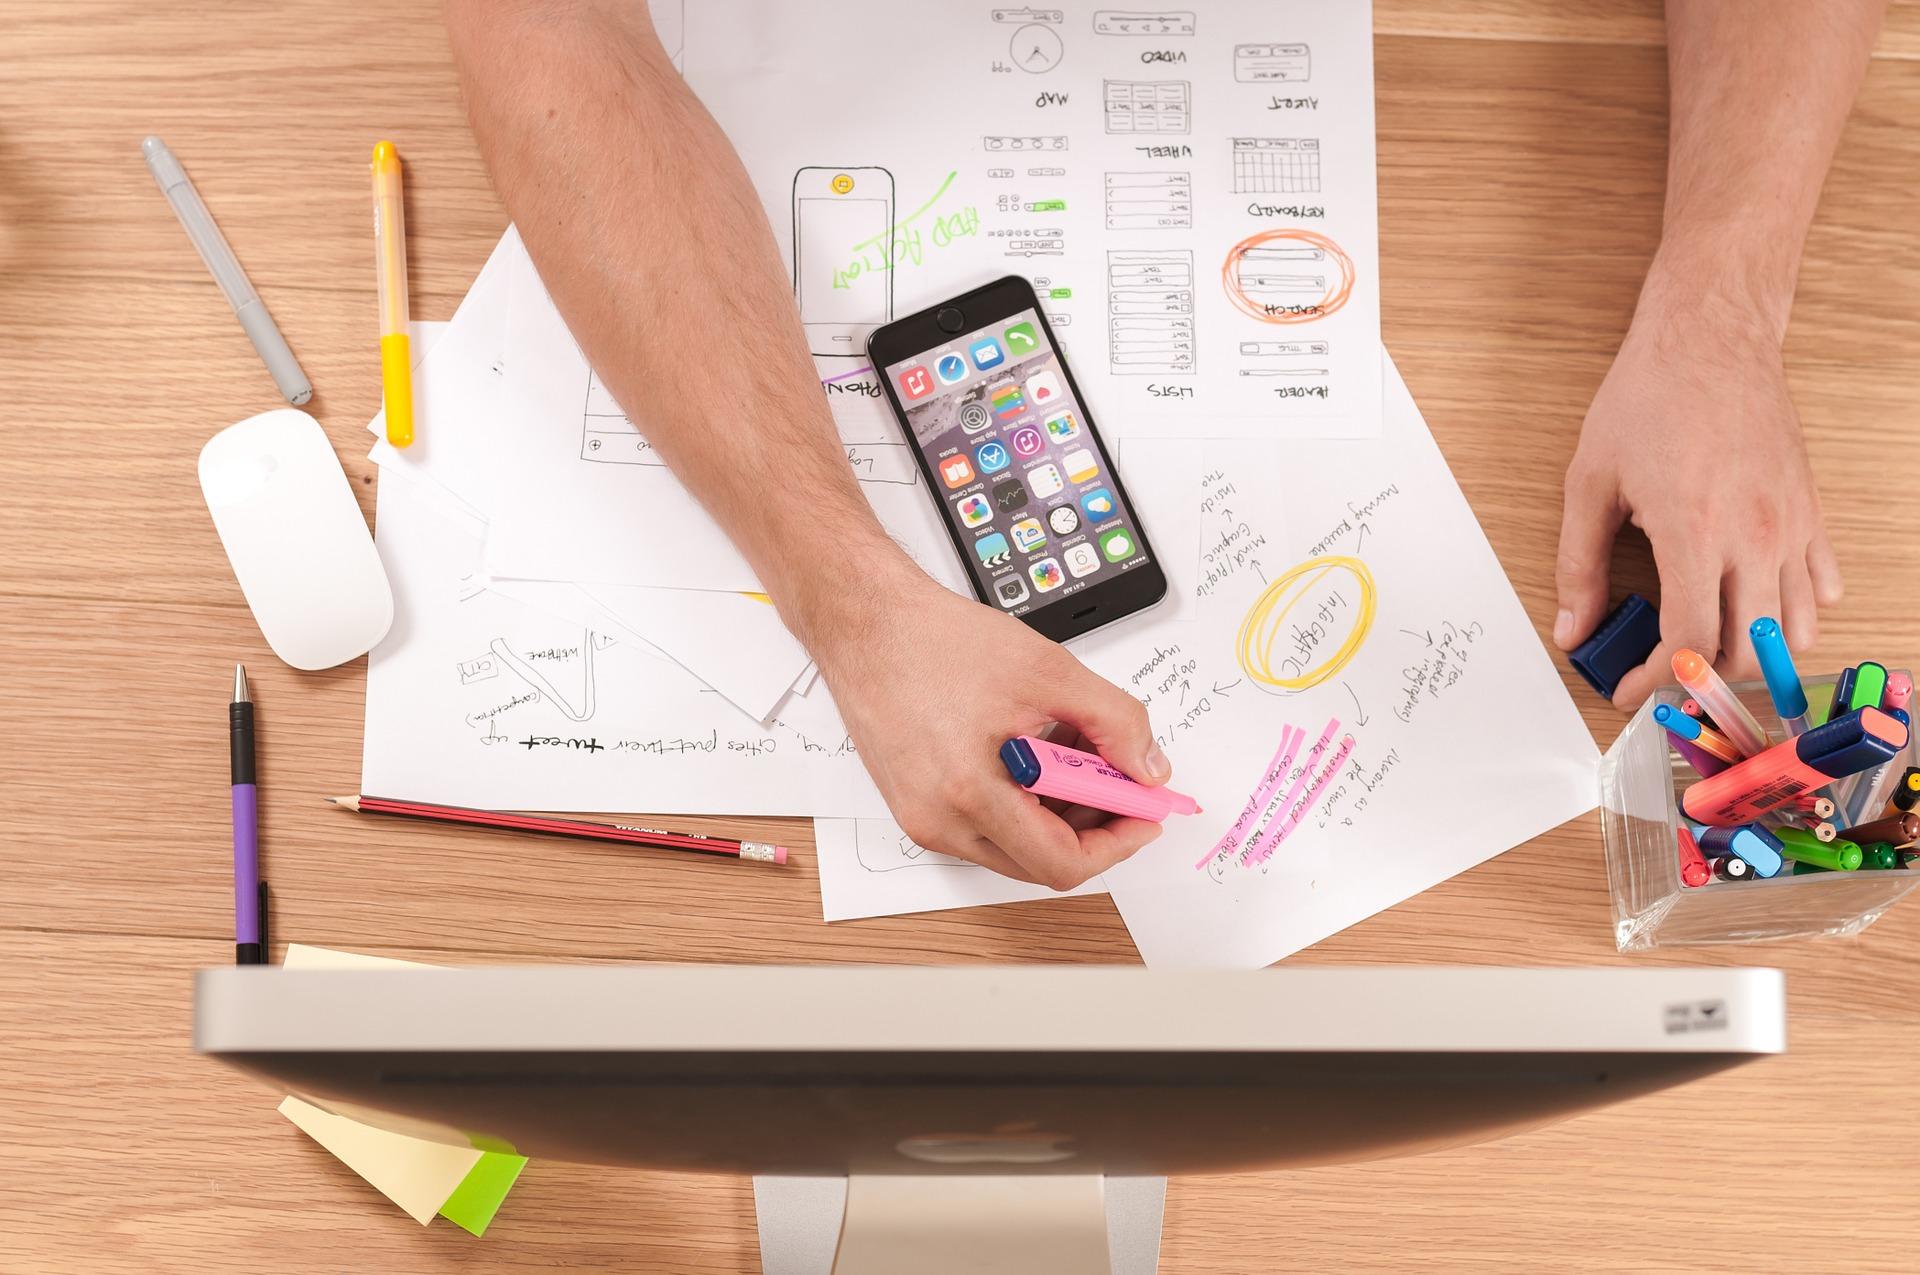 Focus sur le métier d'ux designer